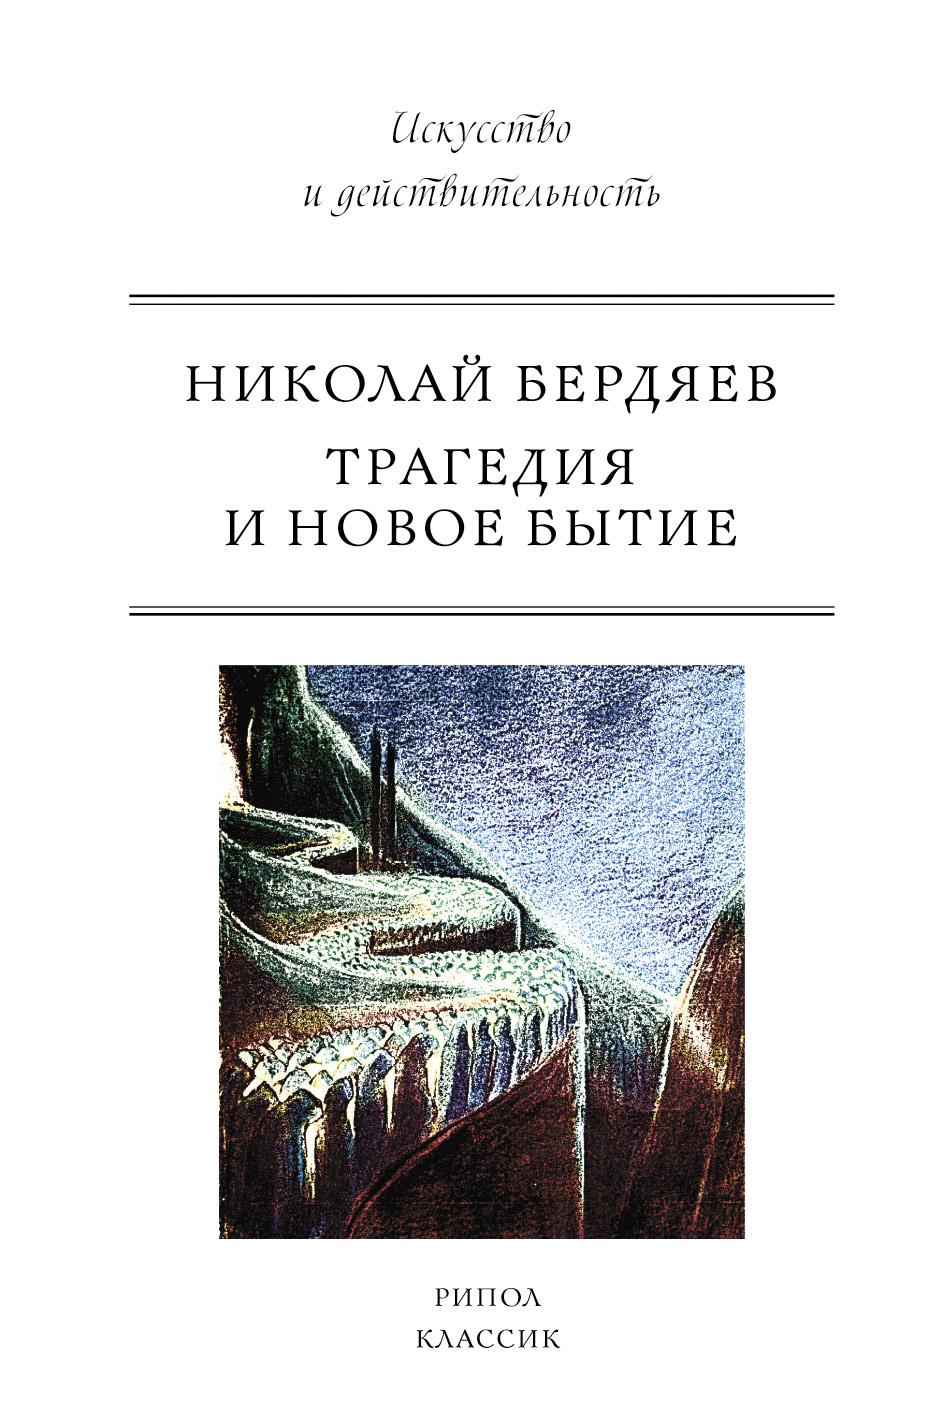 Н. А. Бердяев Трагедия и новое бытие бердяев н о свободе и рабстве человека